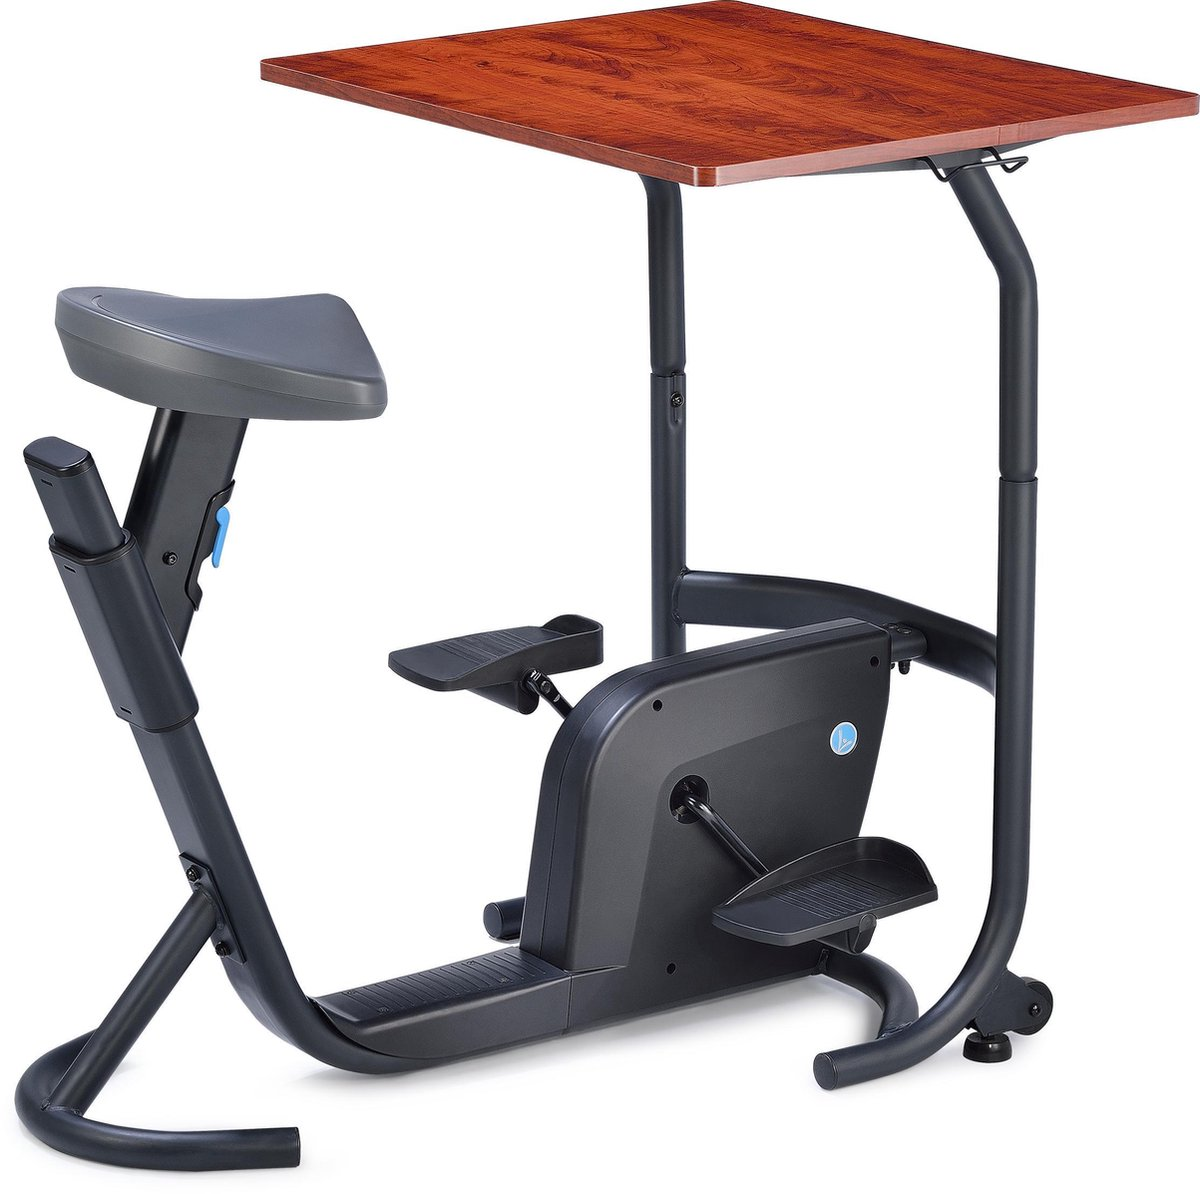 LifeSpan Bureaufiets excl. bureau, Unity Bike Desk. De actieve kindertafel met fiets voor bij het thuiswerken en op school. Blijf in beweging en gezond met een actieve werkplek van LifeSpan